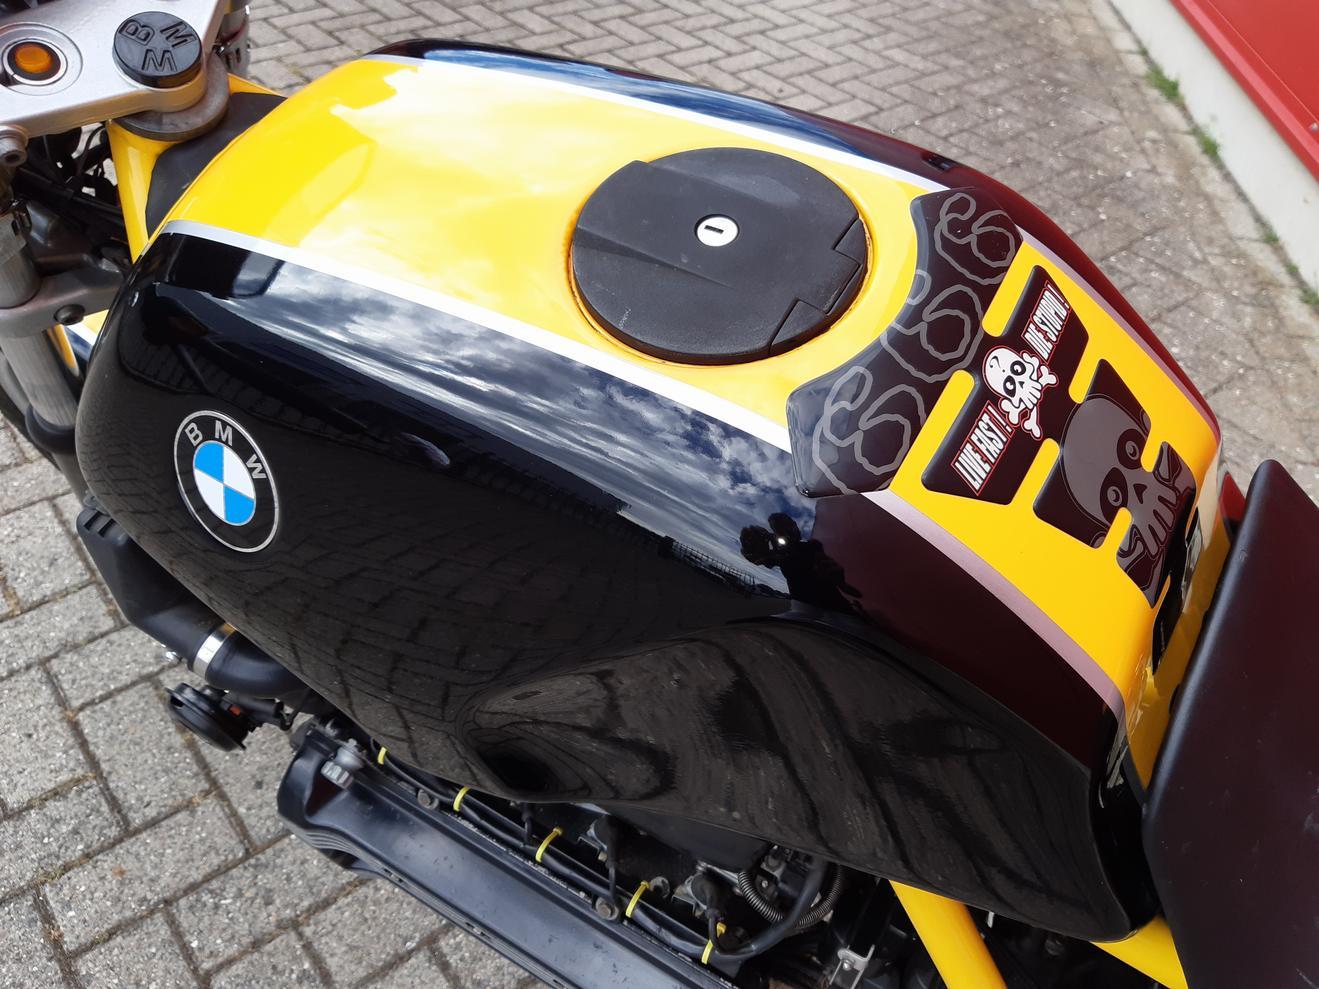 BMW - K100LT CAFE RACER